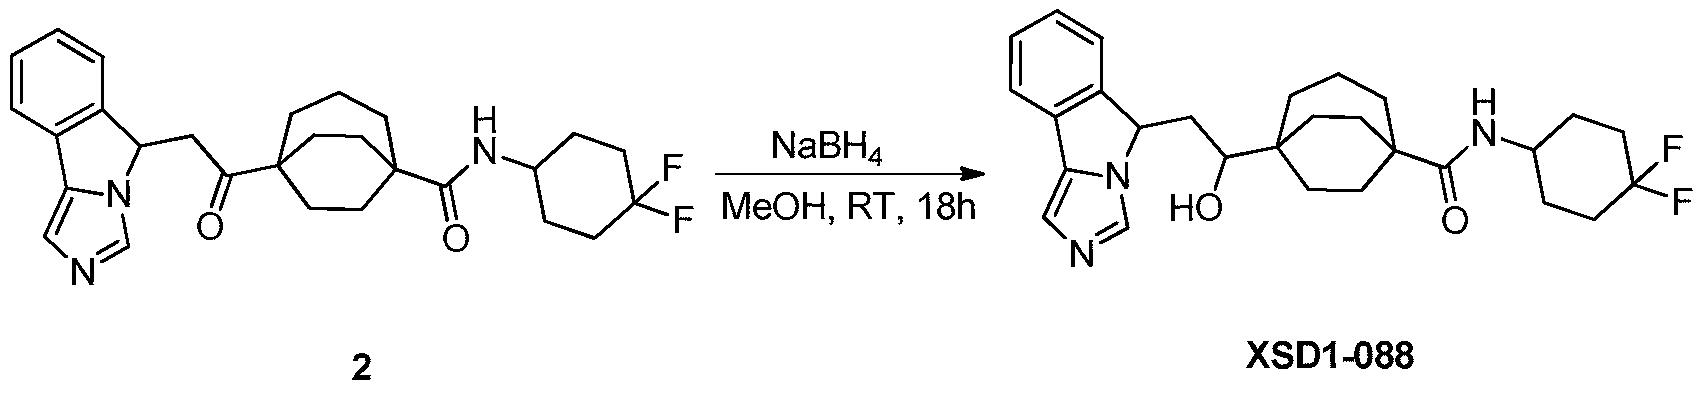 Figure PCTCN2017084604-appb-000130